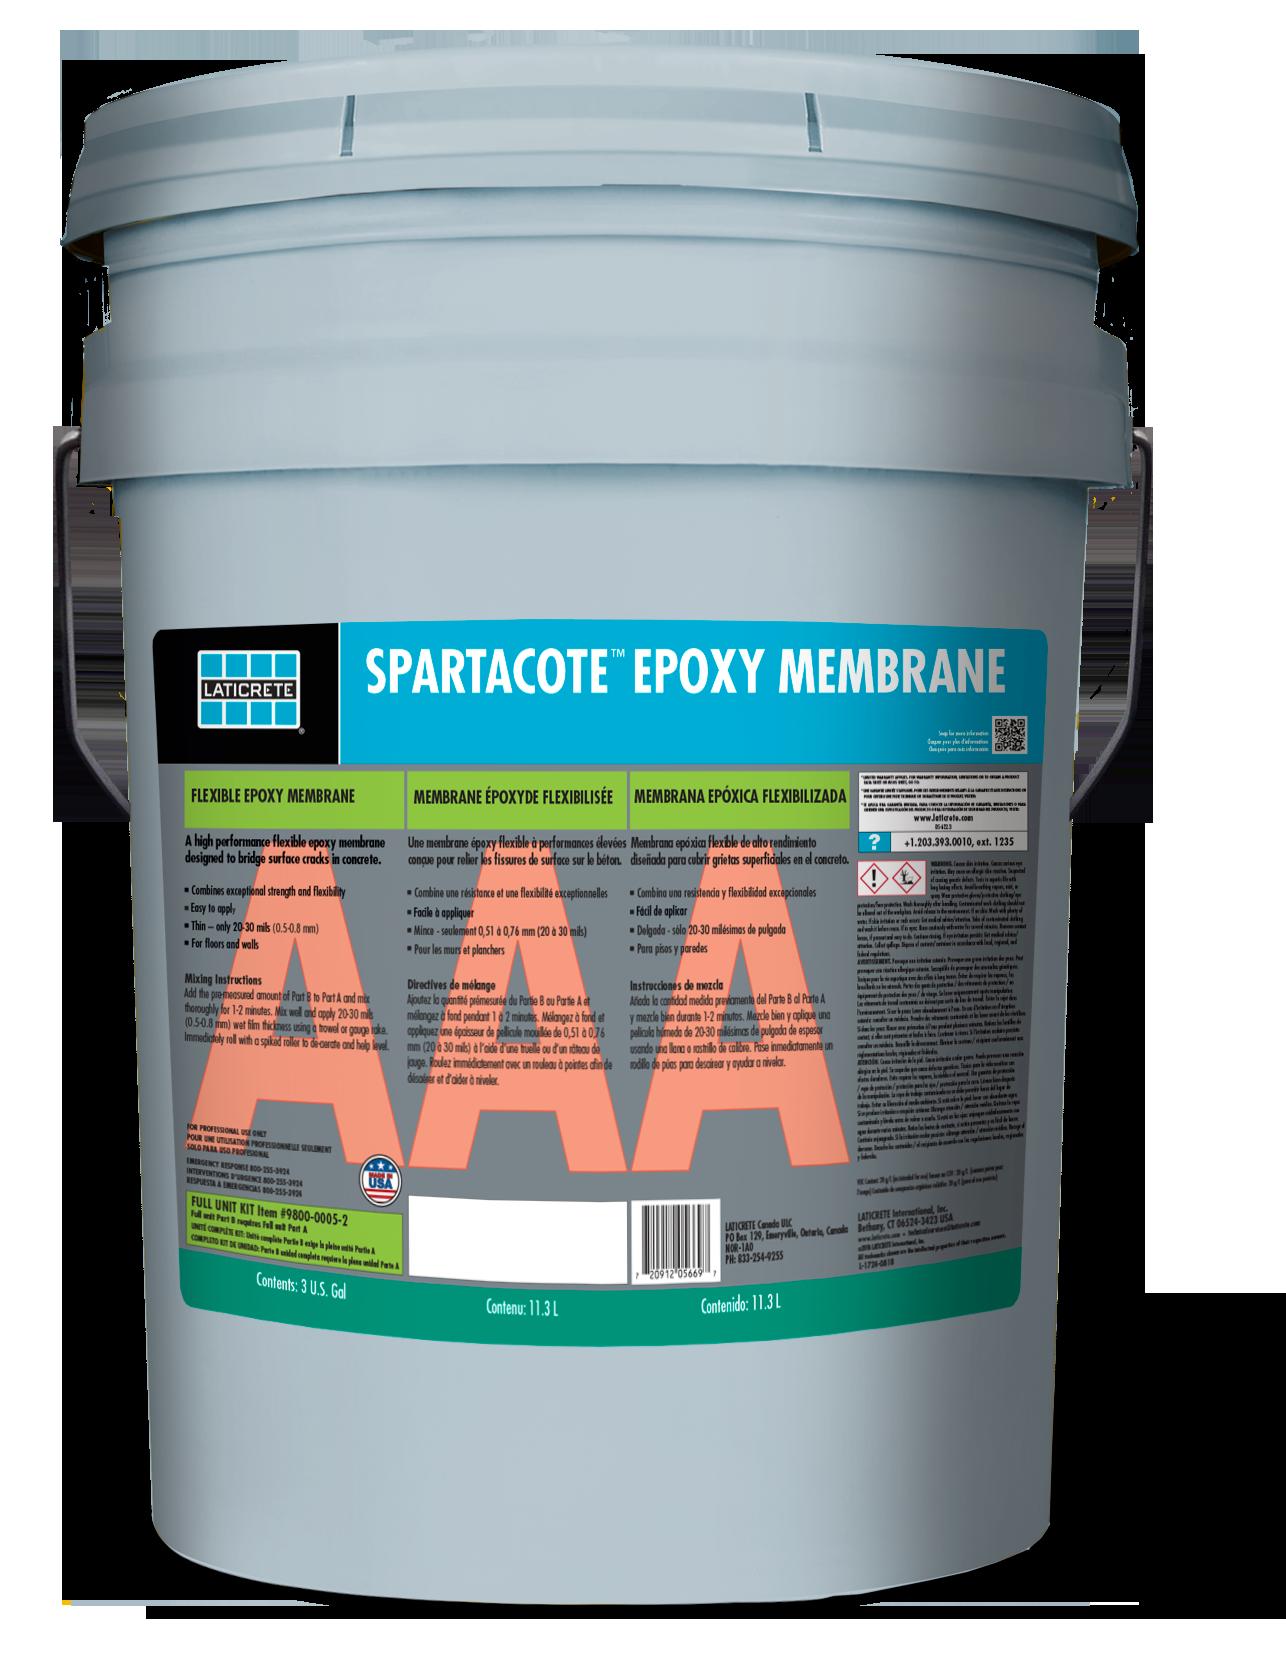 SPARTACOTE Epoxy Membrane